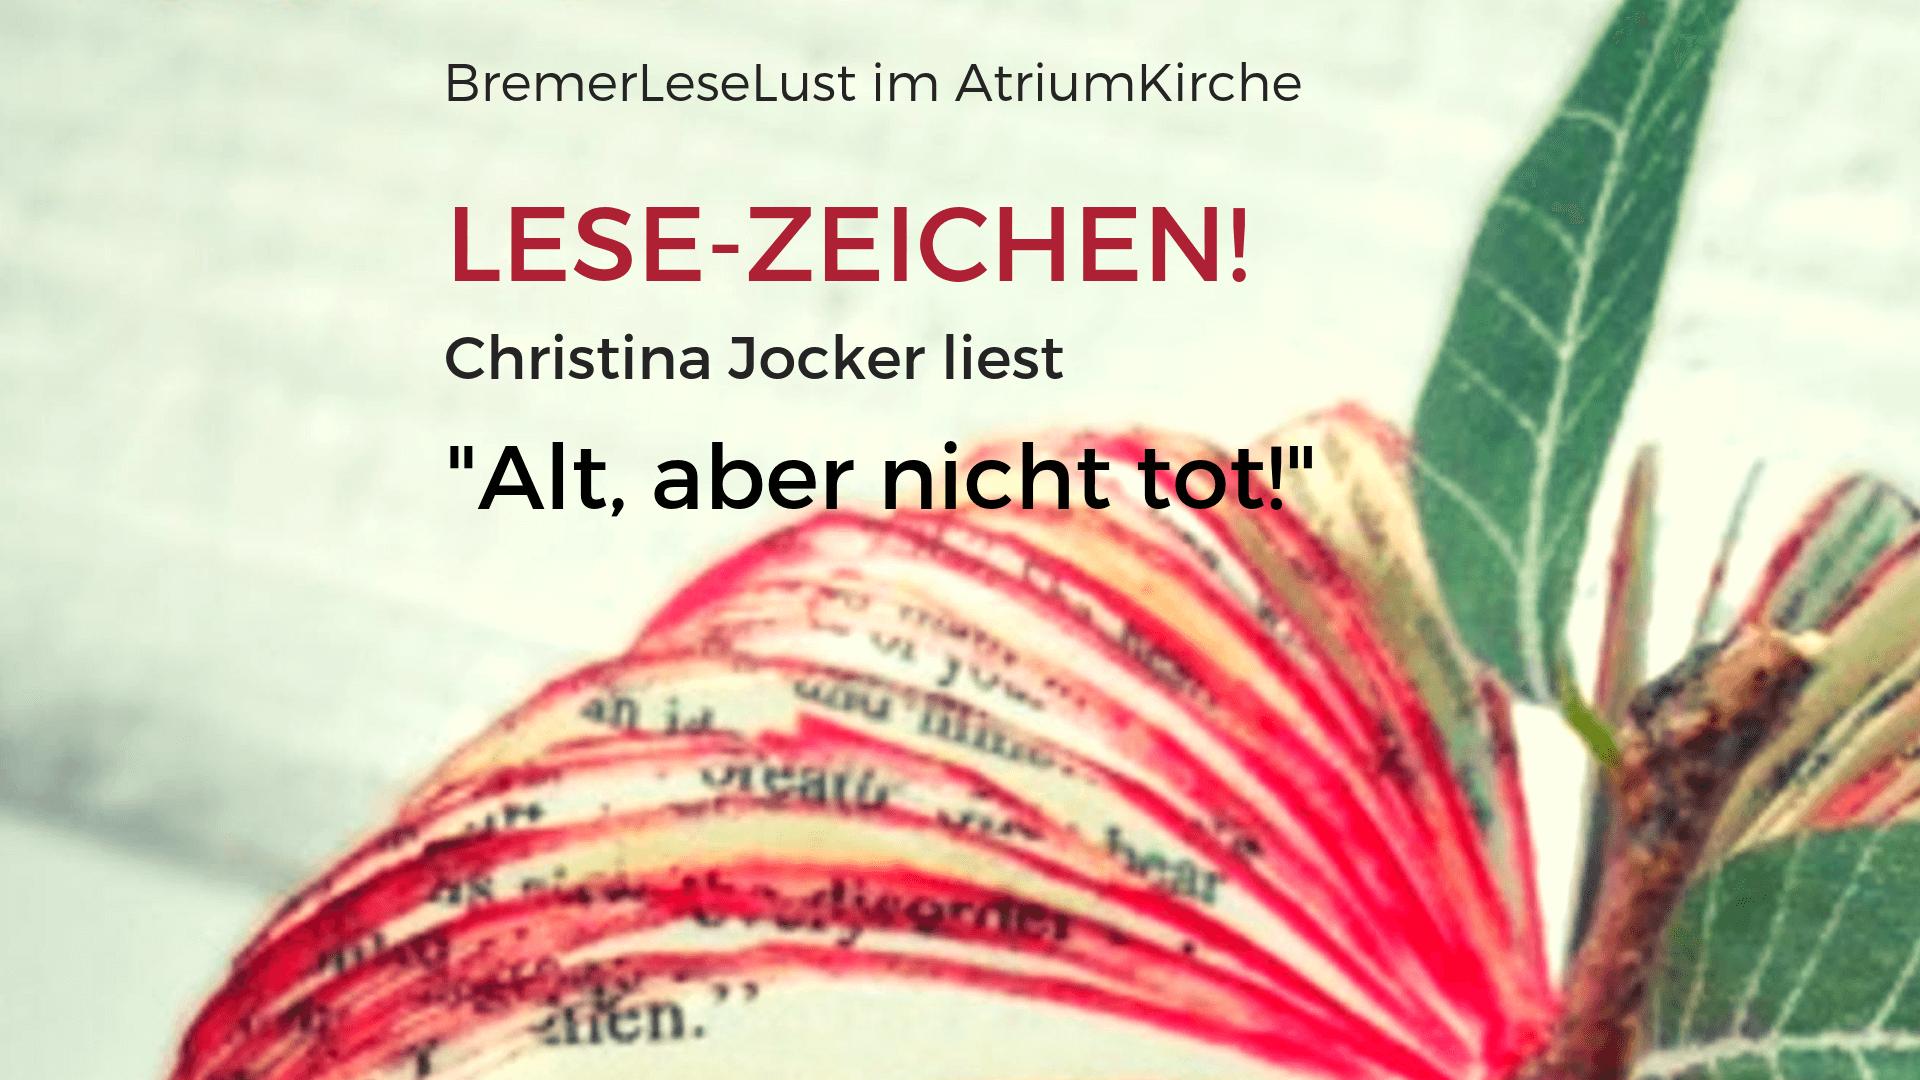 2019-10-07-LESE-ZEICHEN, BremerLeseLust